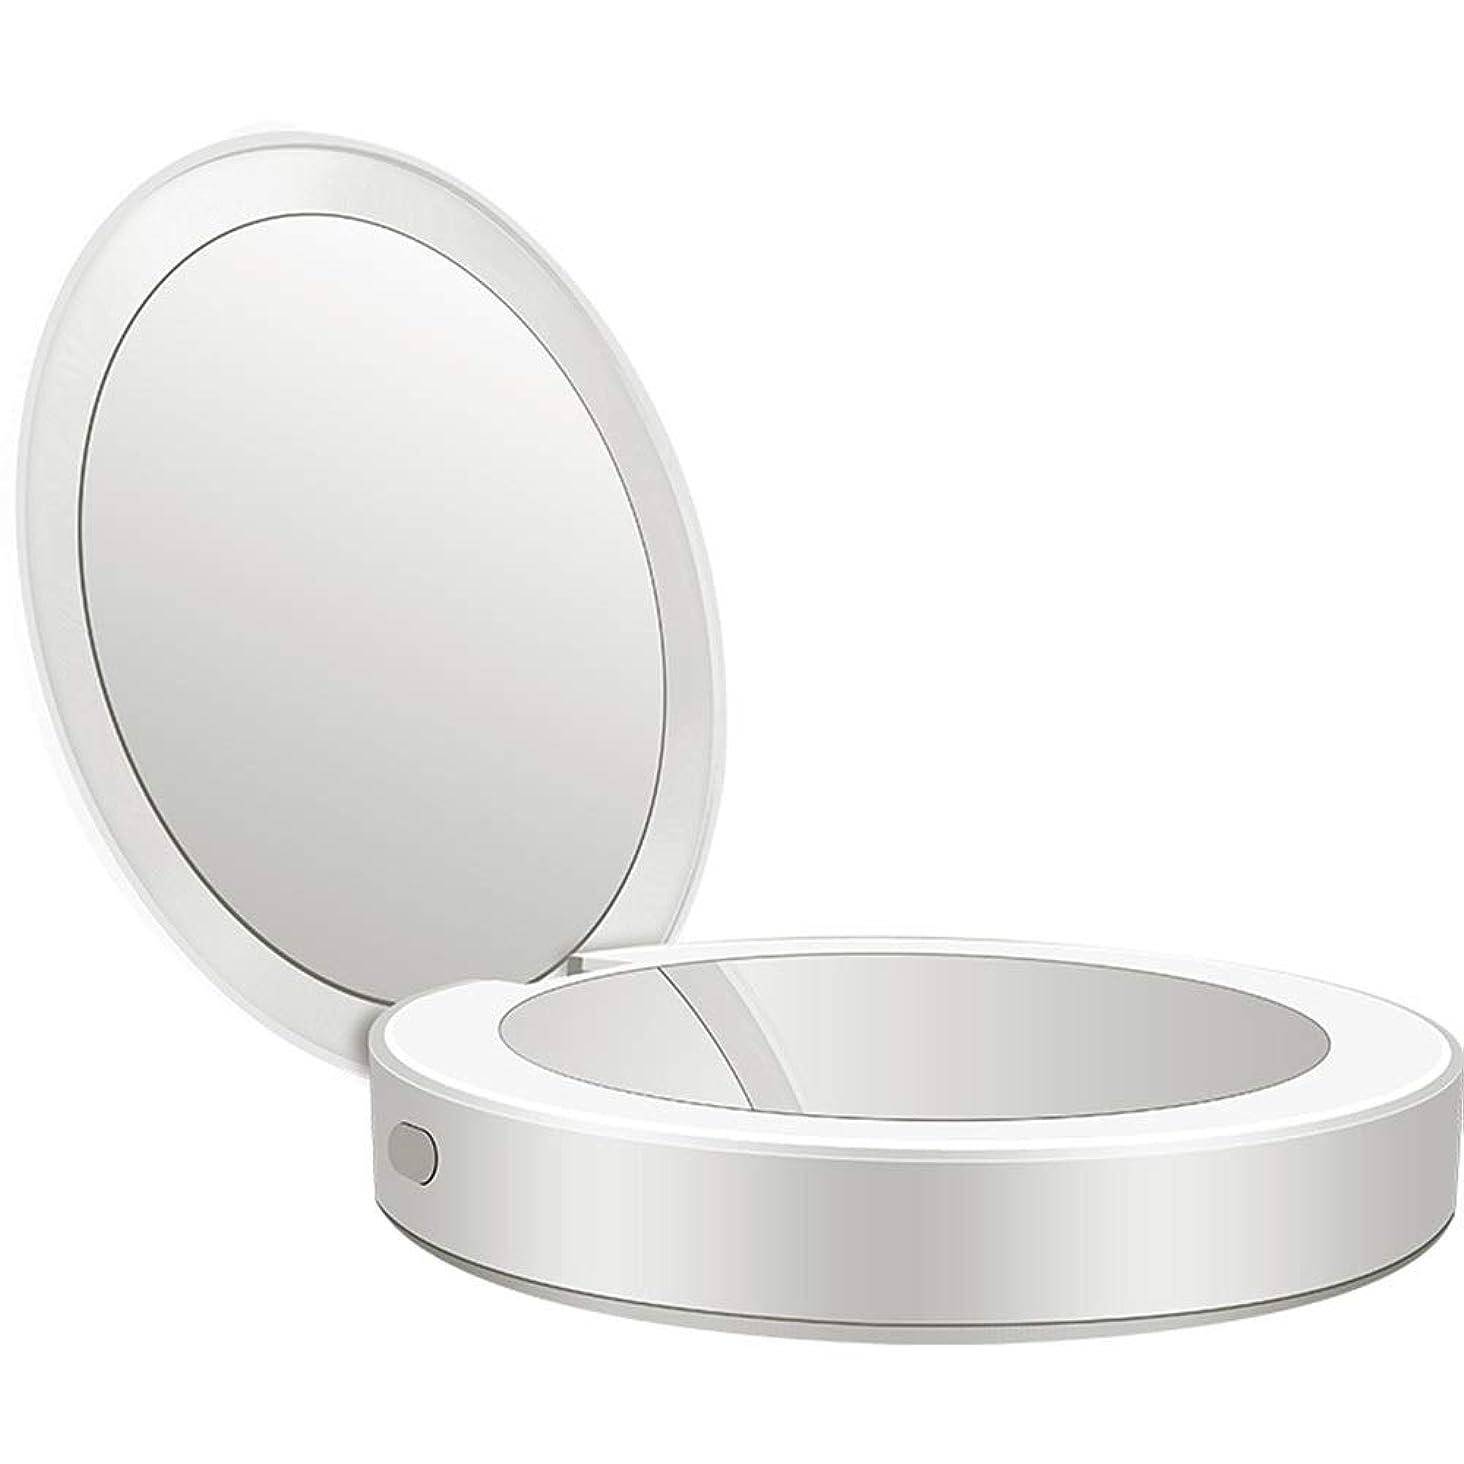 警察活発行き当たりばったり流行の 新しい多機能ポータブル折りたたみLEDライト化粧鏡フィルライト充電宝物鏡ABS素材ギフトギフトライト充電虫眼鏡 (色 : Silver)